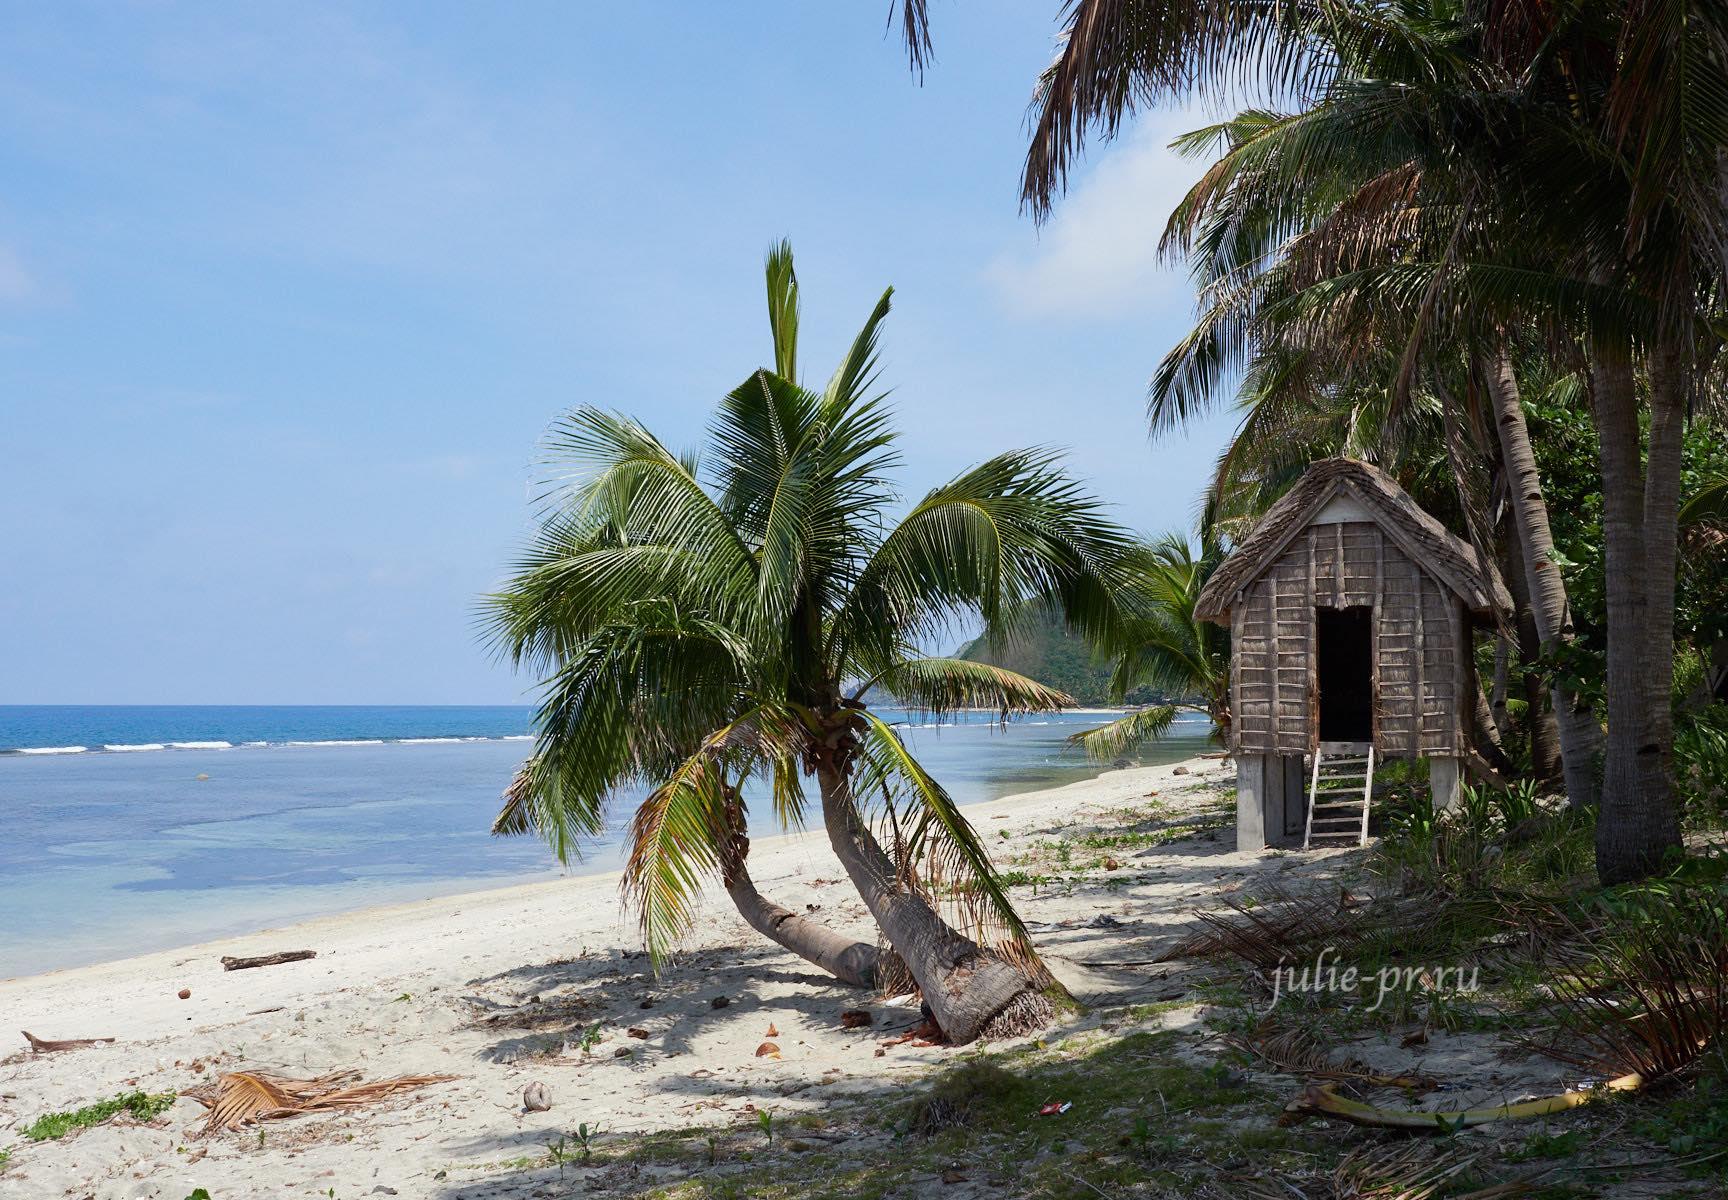 Филиппины, острова Батанес, пальмы на берегу